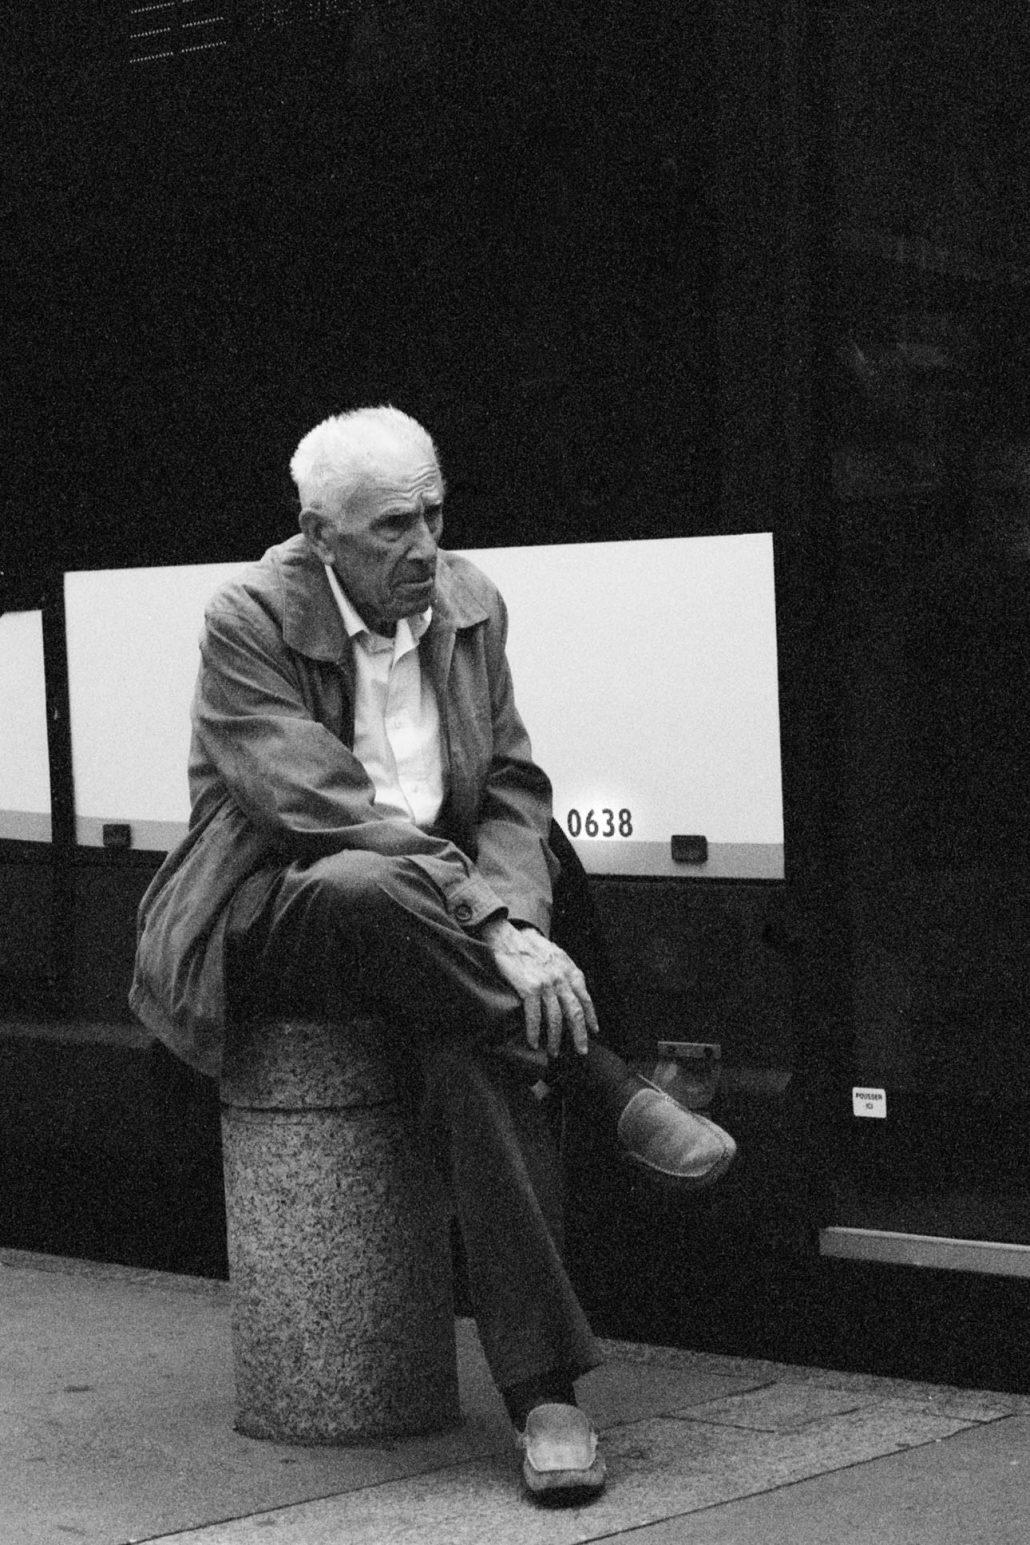 L'homme du bus.